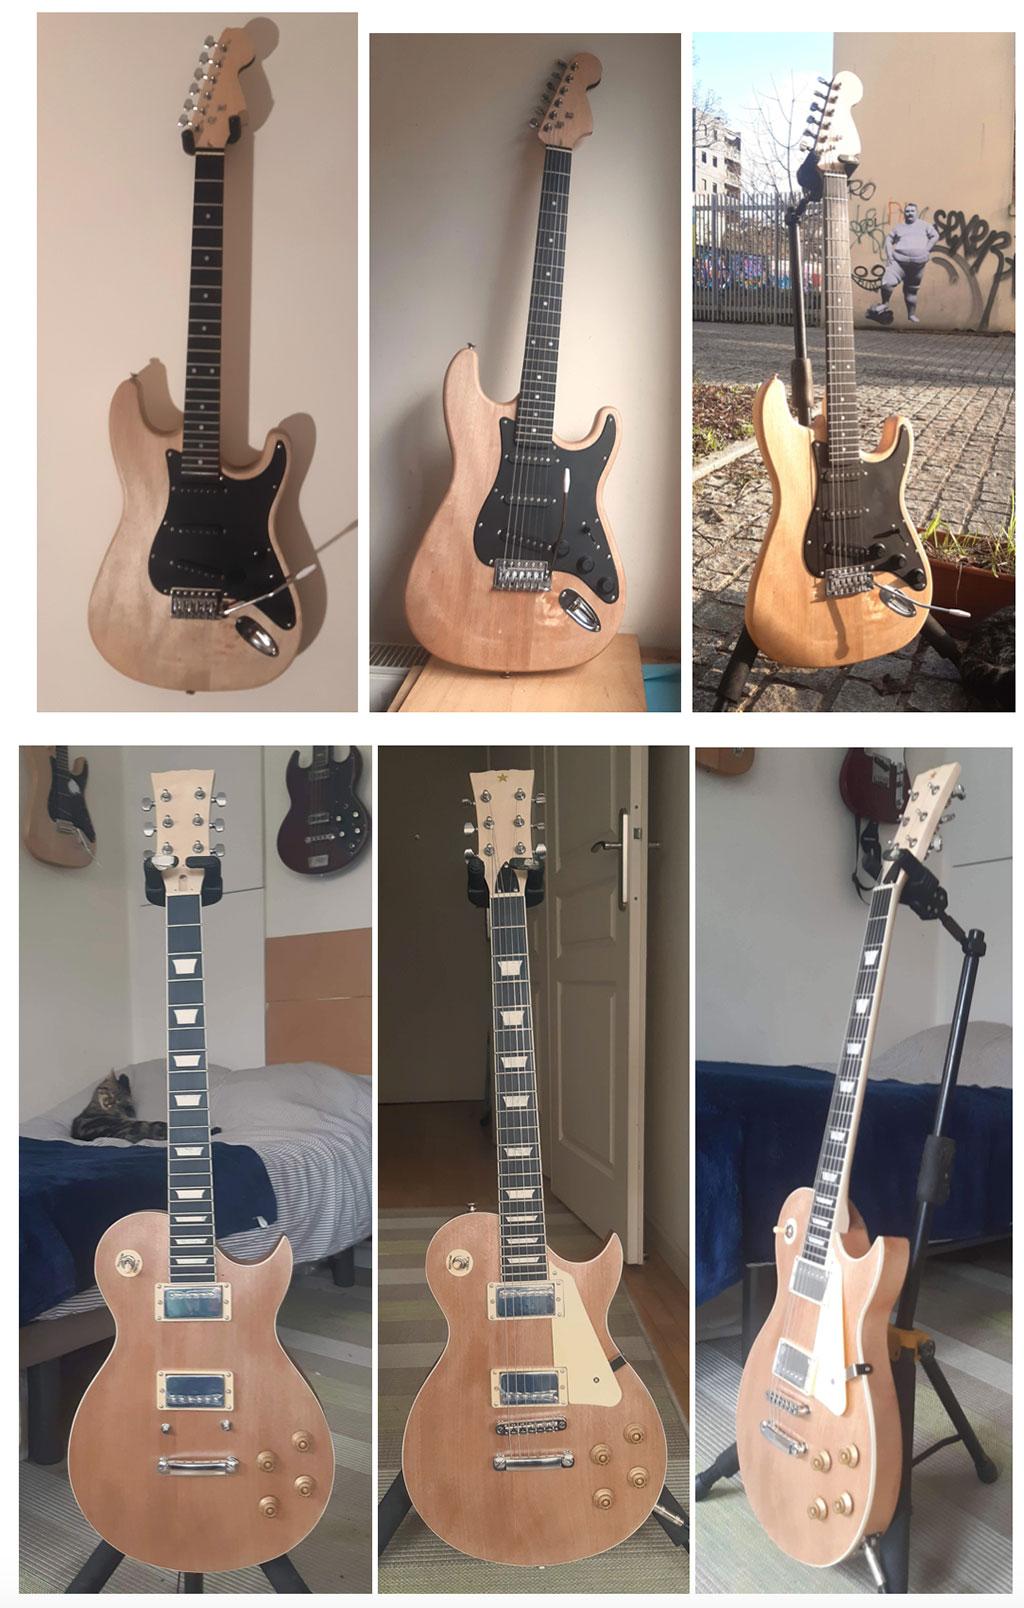 guitares montées stratocaster les paul harley benton guitare en kit